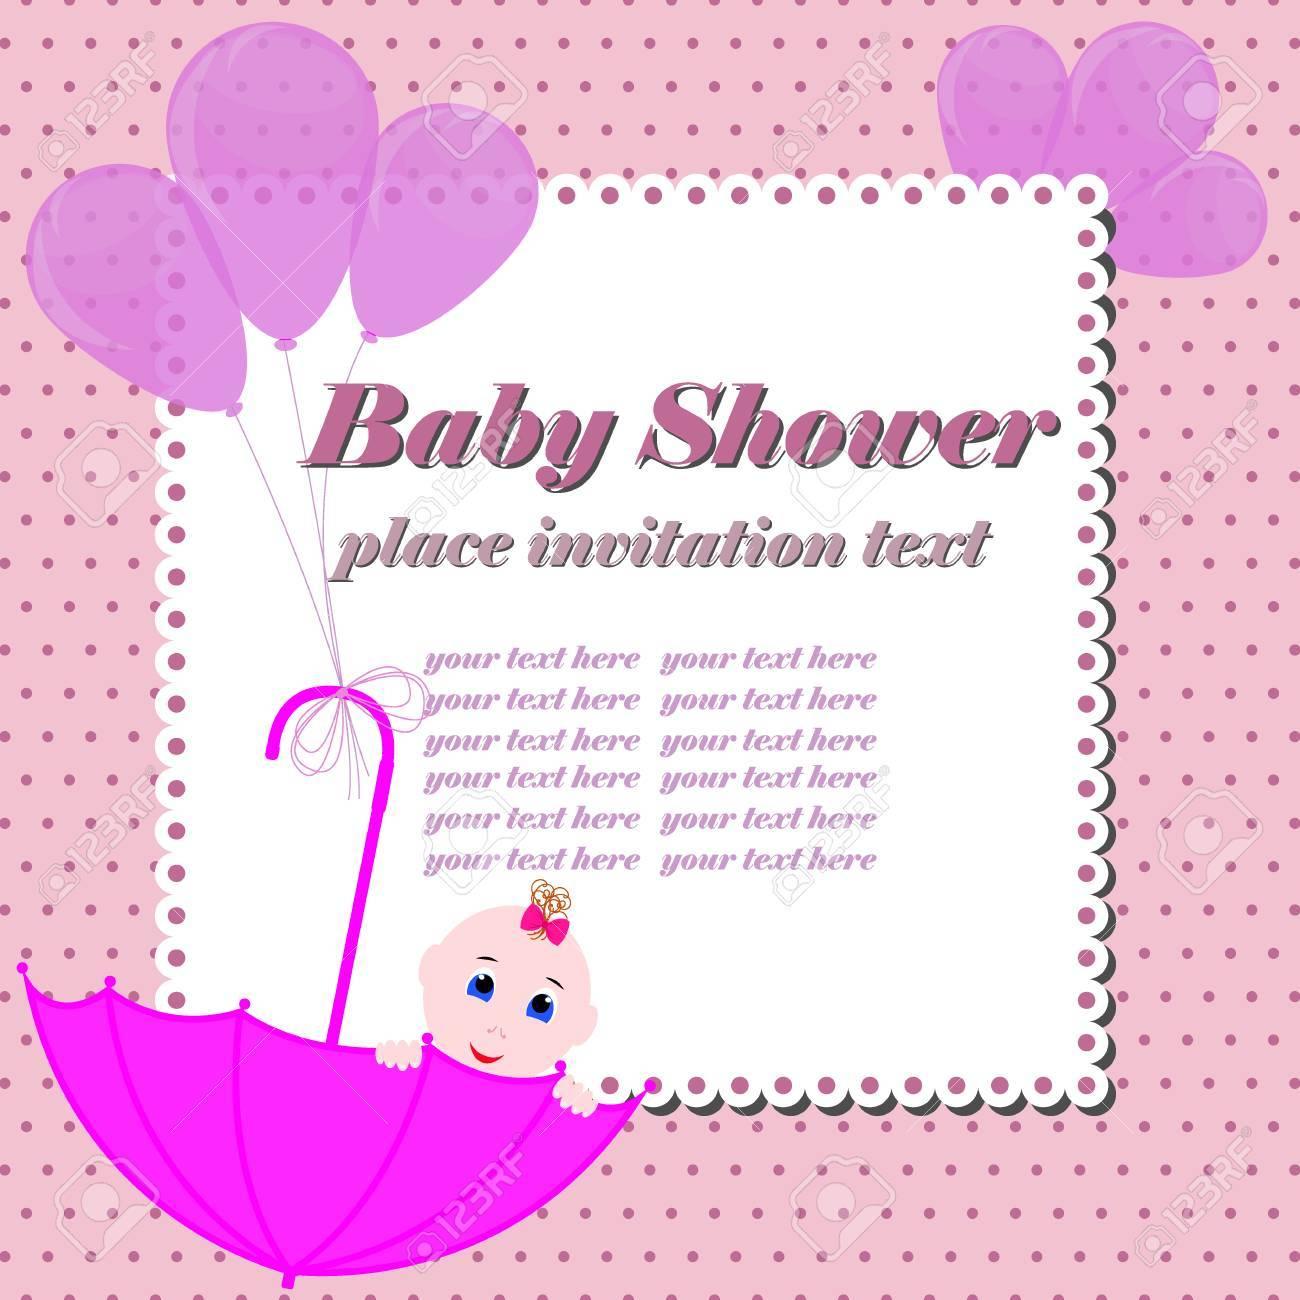 ecf7b74c63a5c Foto de archivo - Tarjeta de invitación de Baby Shower. Linda chica sentada  en el paraguas. Invitación de diseño o tarjeta de felicitación para baby  shower.